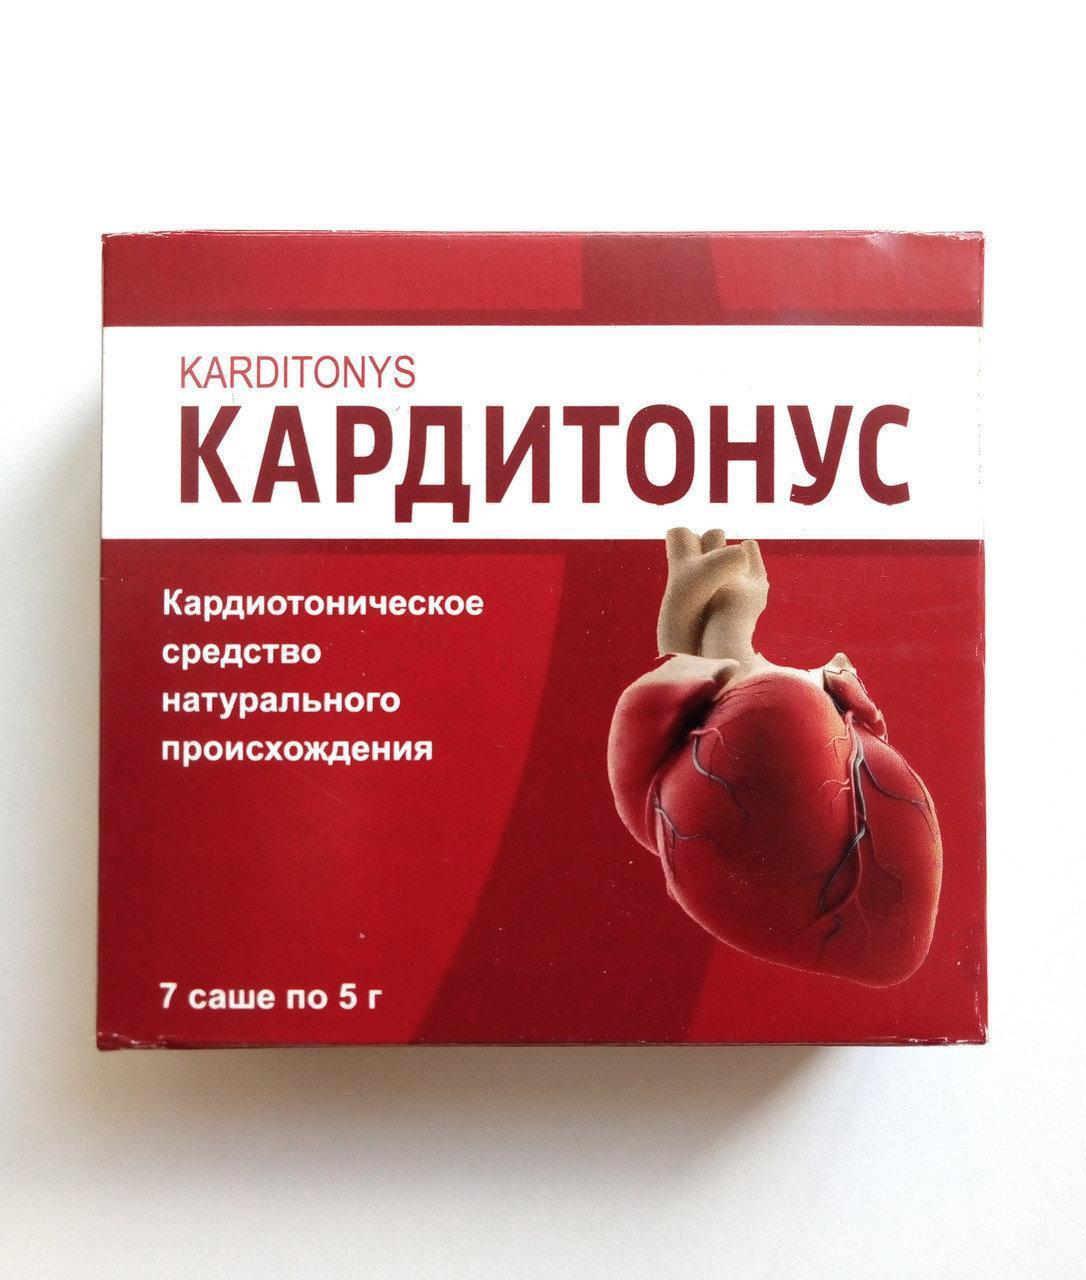 💊💊Кардитонус - Препарат для нормализации давления | Кардитонус, Препарат для нормализации давления, Кардитонус - Препарат для нормализации давления,